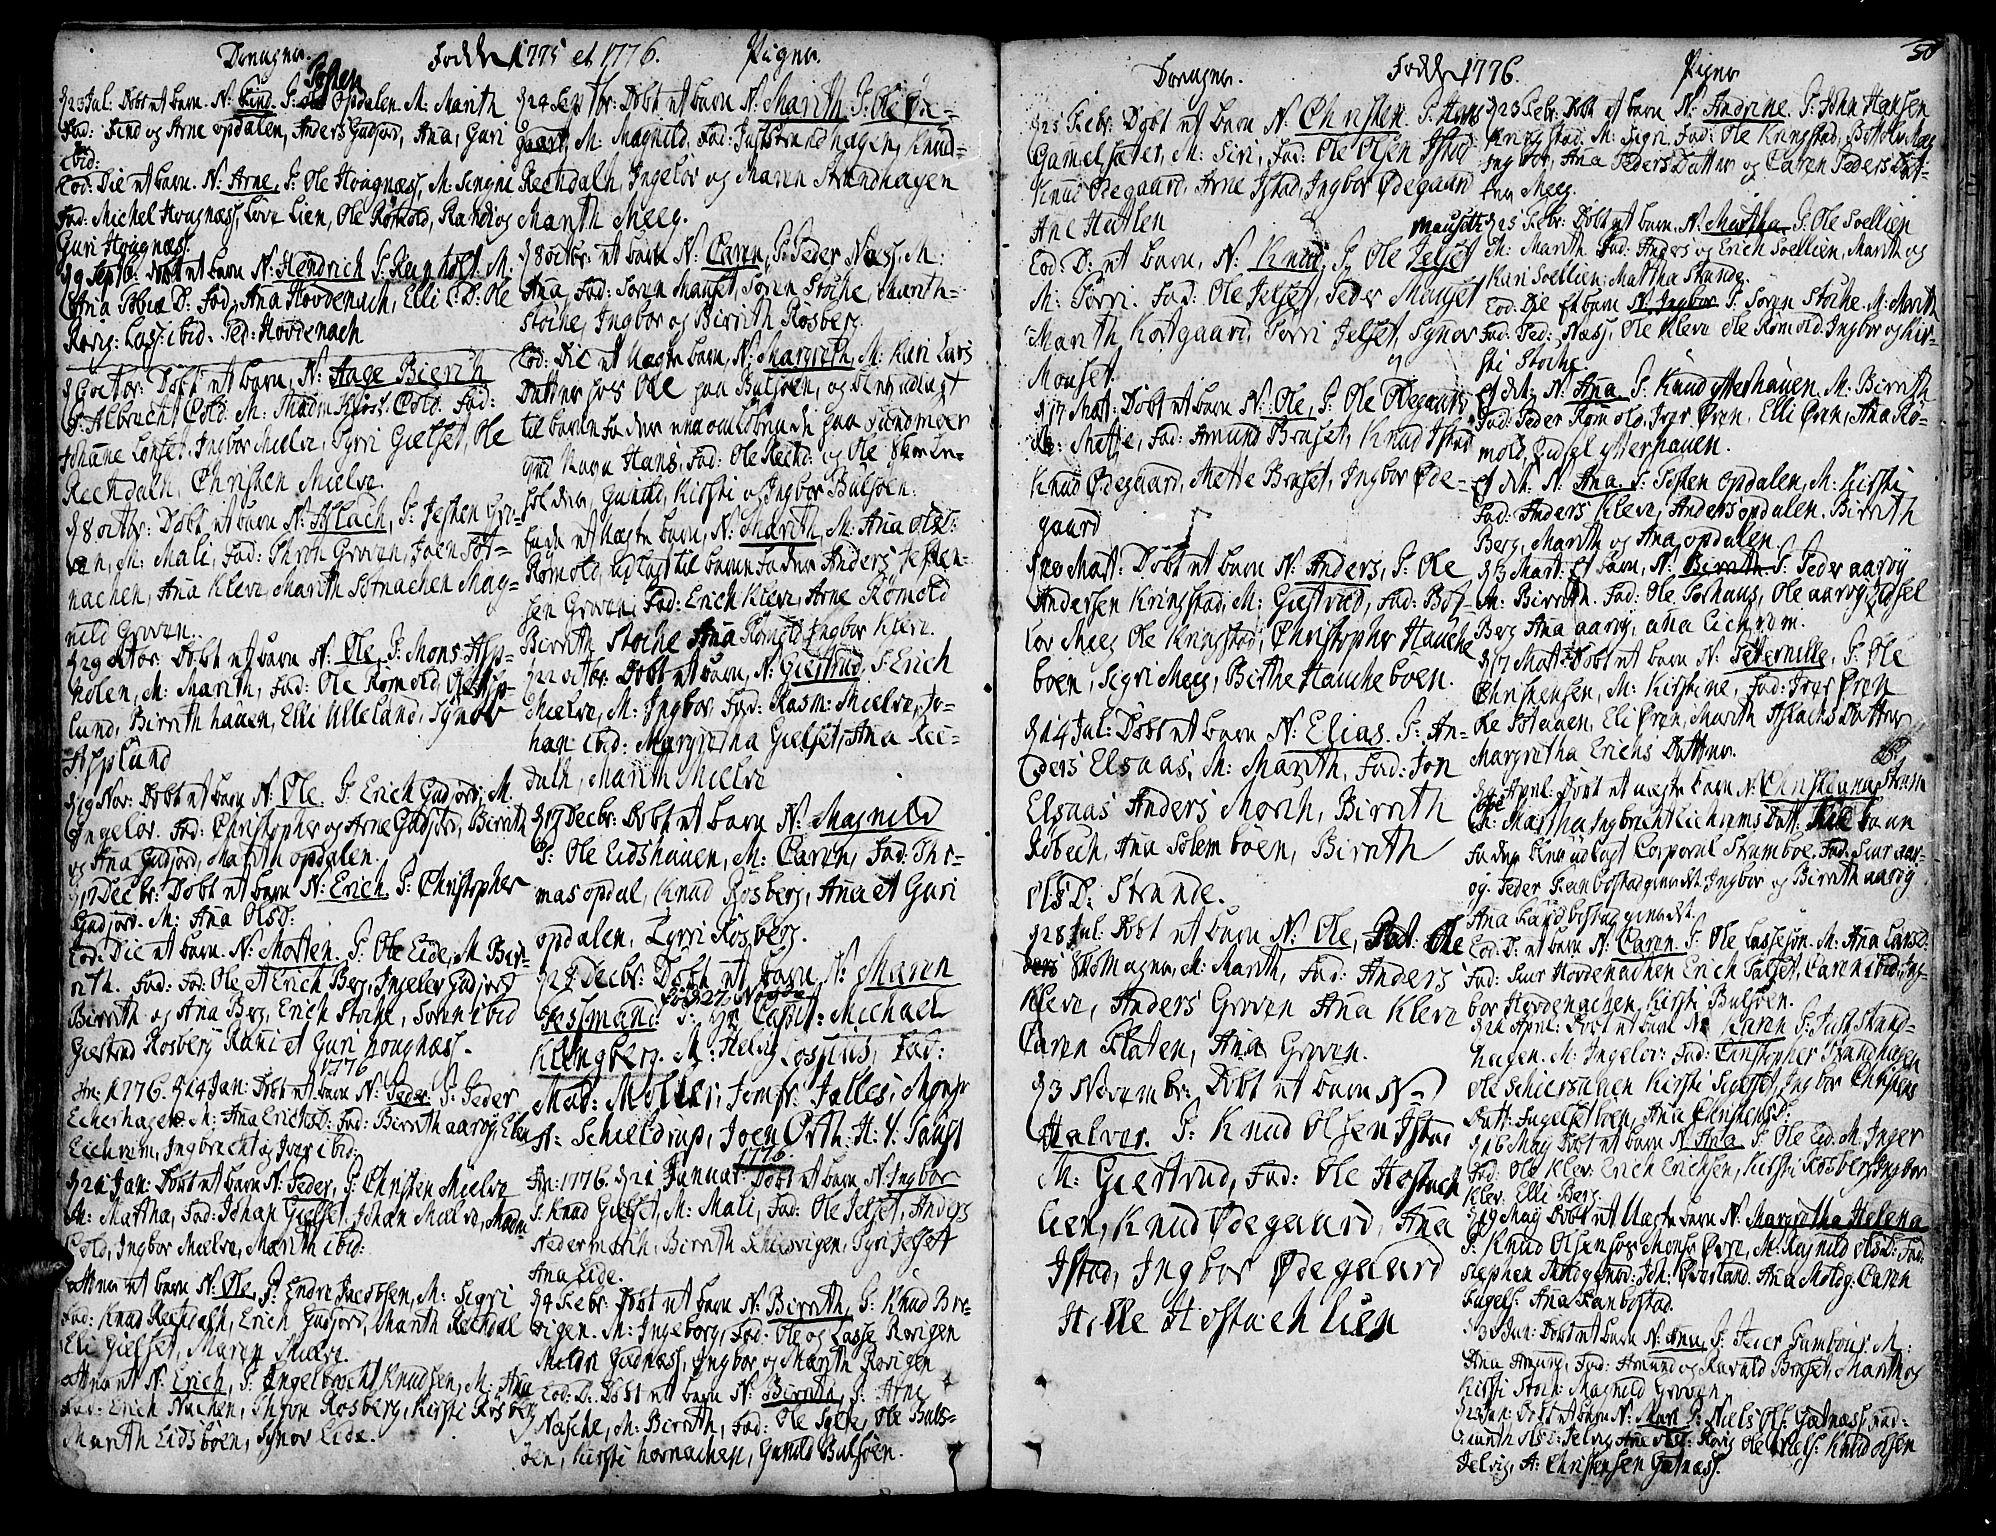 SAT, Ministerialprotokoller, klokkerbøker og fødselsregistre - Møre og Romsdal, 555/L0648: Ministerialbok nr. 555A01, 1759-1793, s. 50